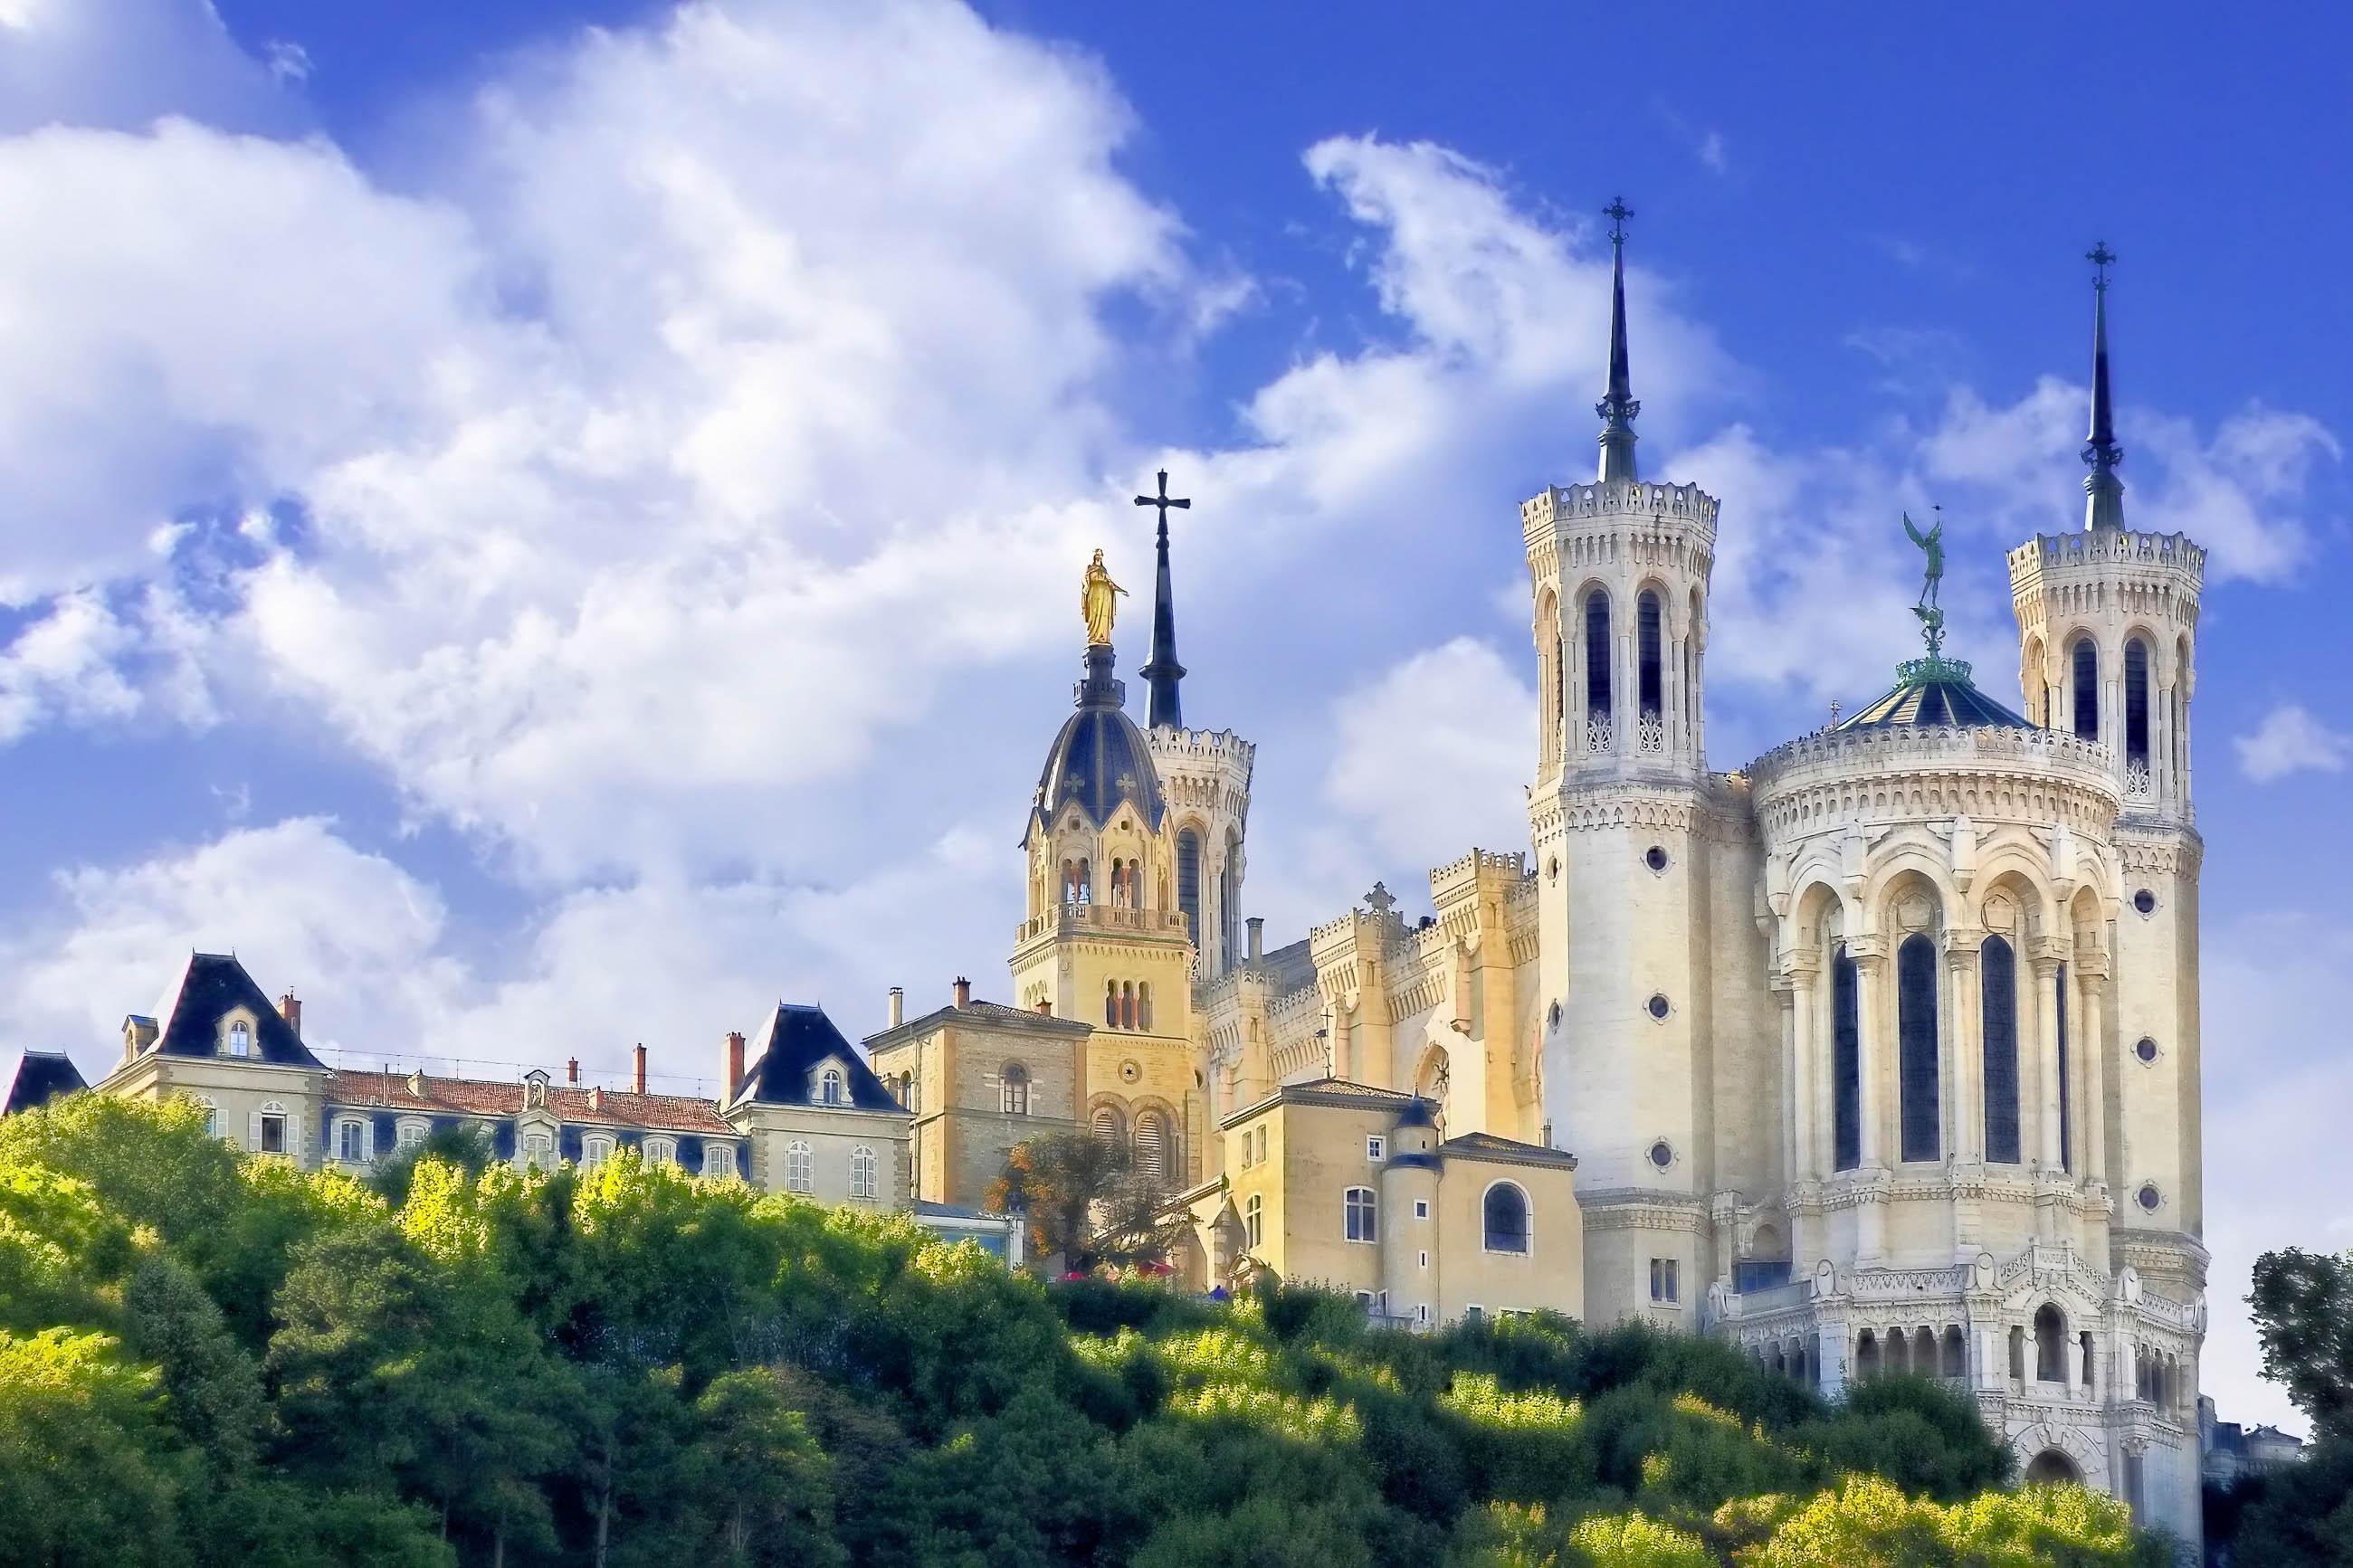 Die prachtvoll geschmückte Basilika Notre Dame de Fourvière zählt heute zu den wichtigsten Sehenswürdigkeiten von Lyon, Frankreich - © Davizro Photography / Shuttersto